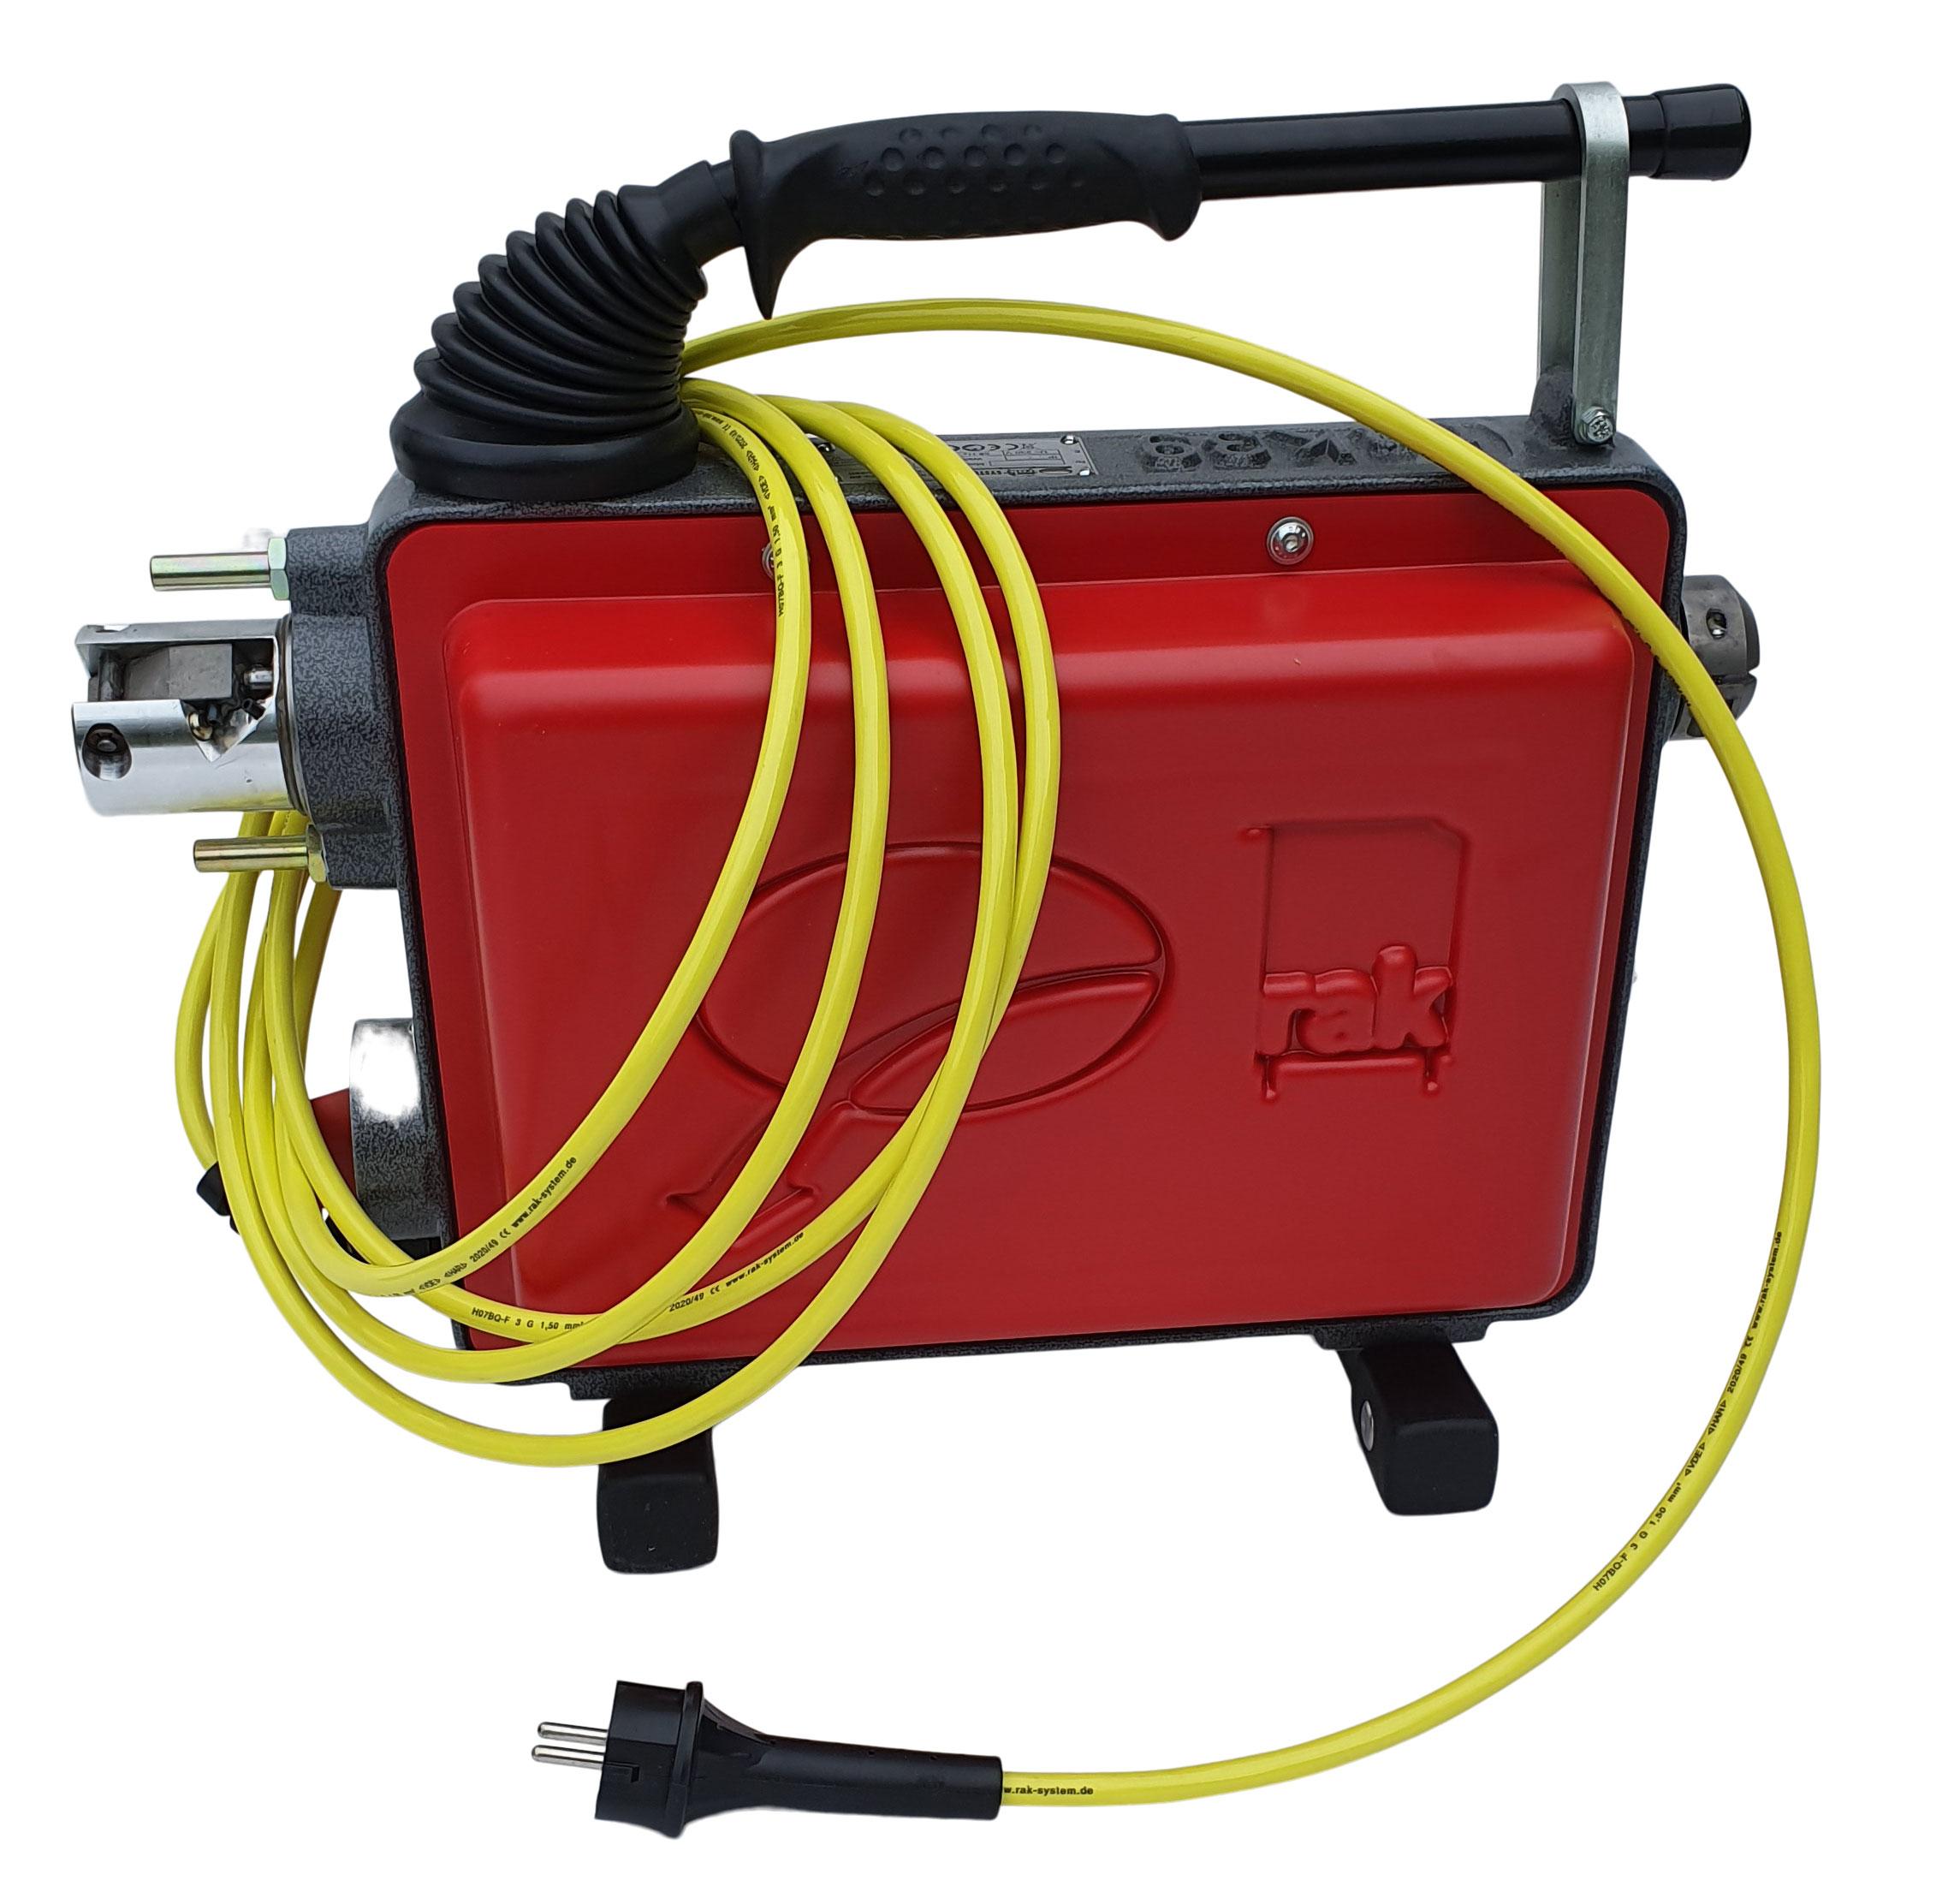 rak-41 Profi-Rohrreinigungsmaschine für schwere und industrielle Reinigungsarbeiten